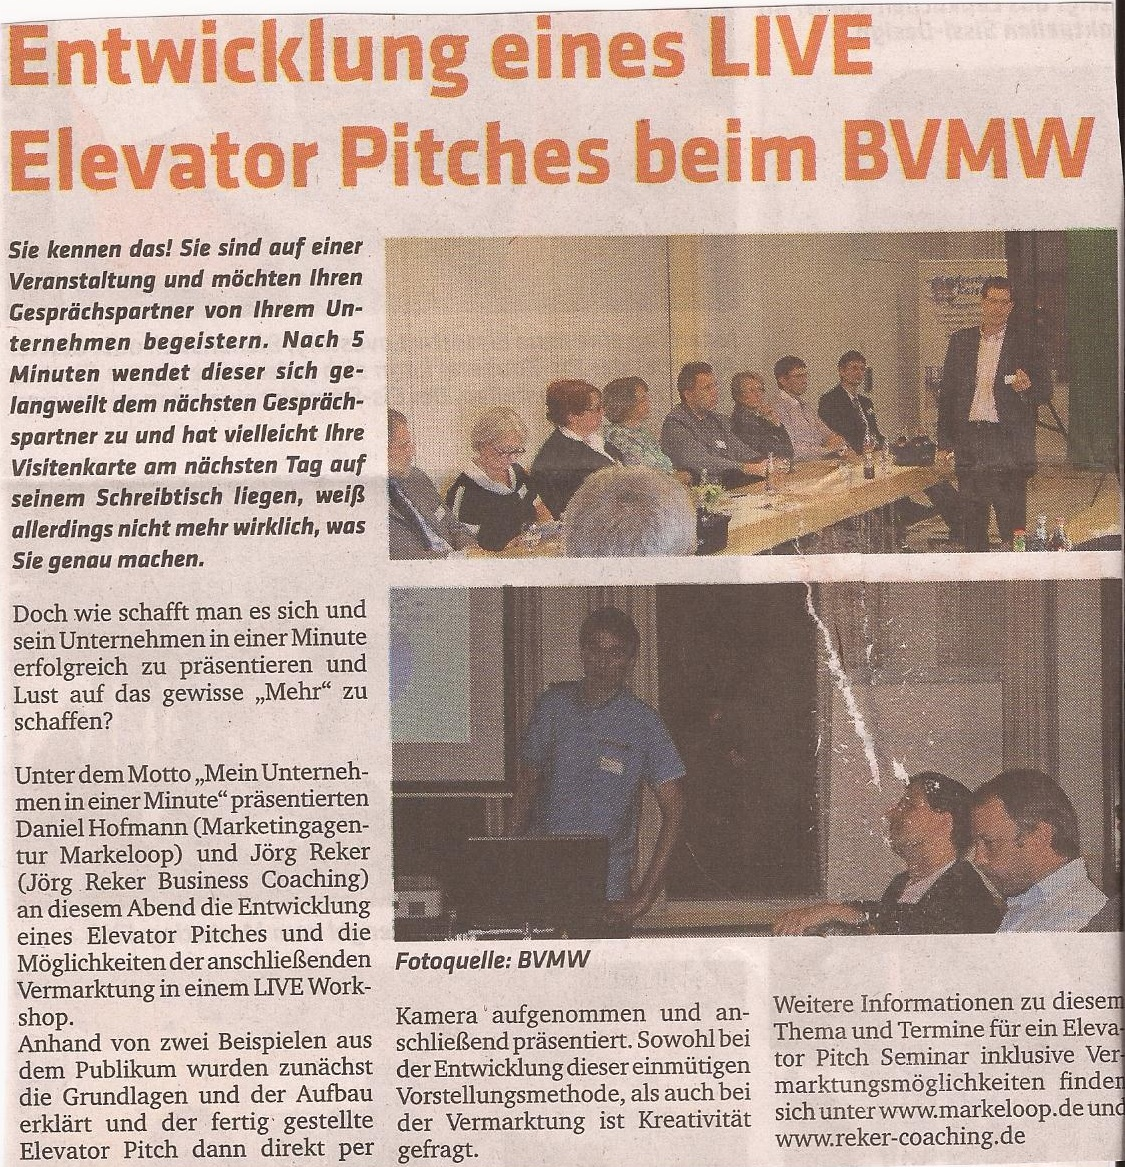 bvmw-meeting-mittelstand-sep-2011